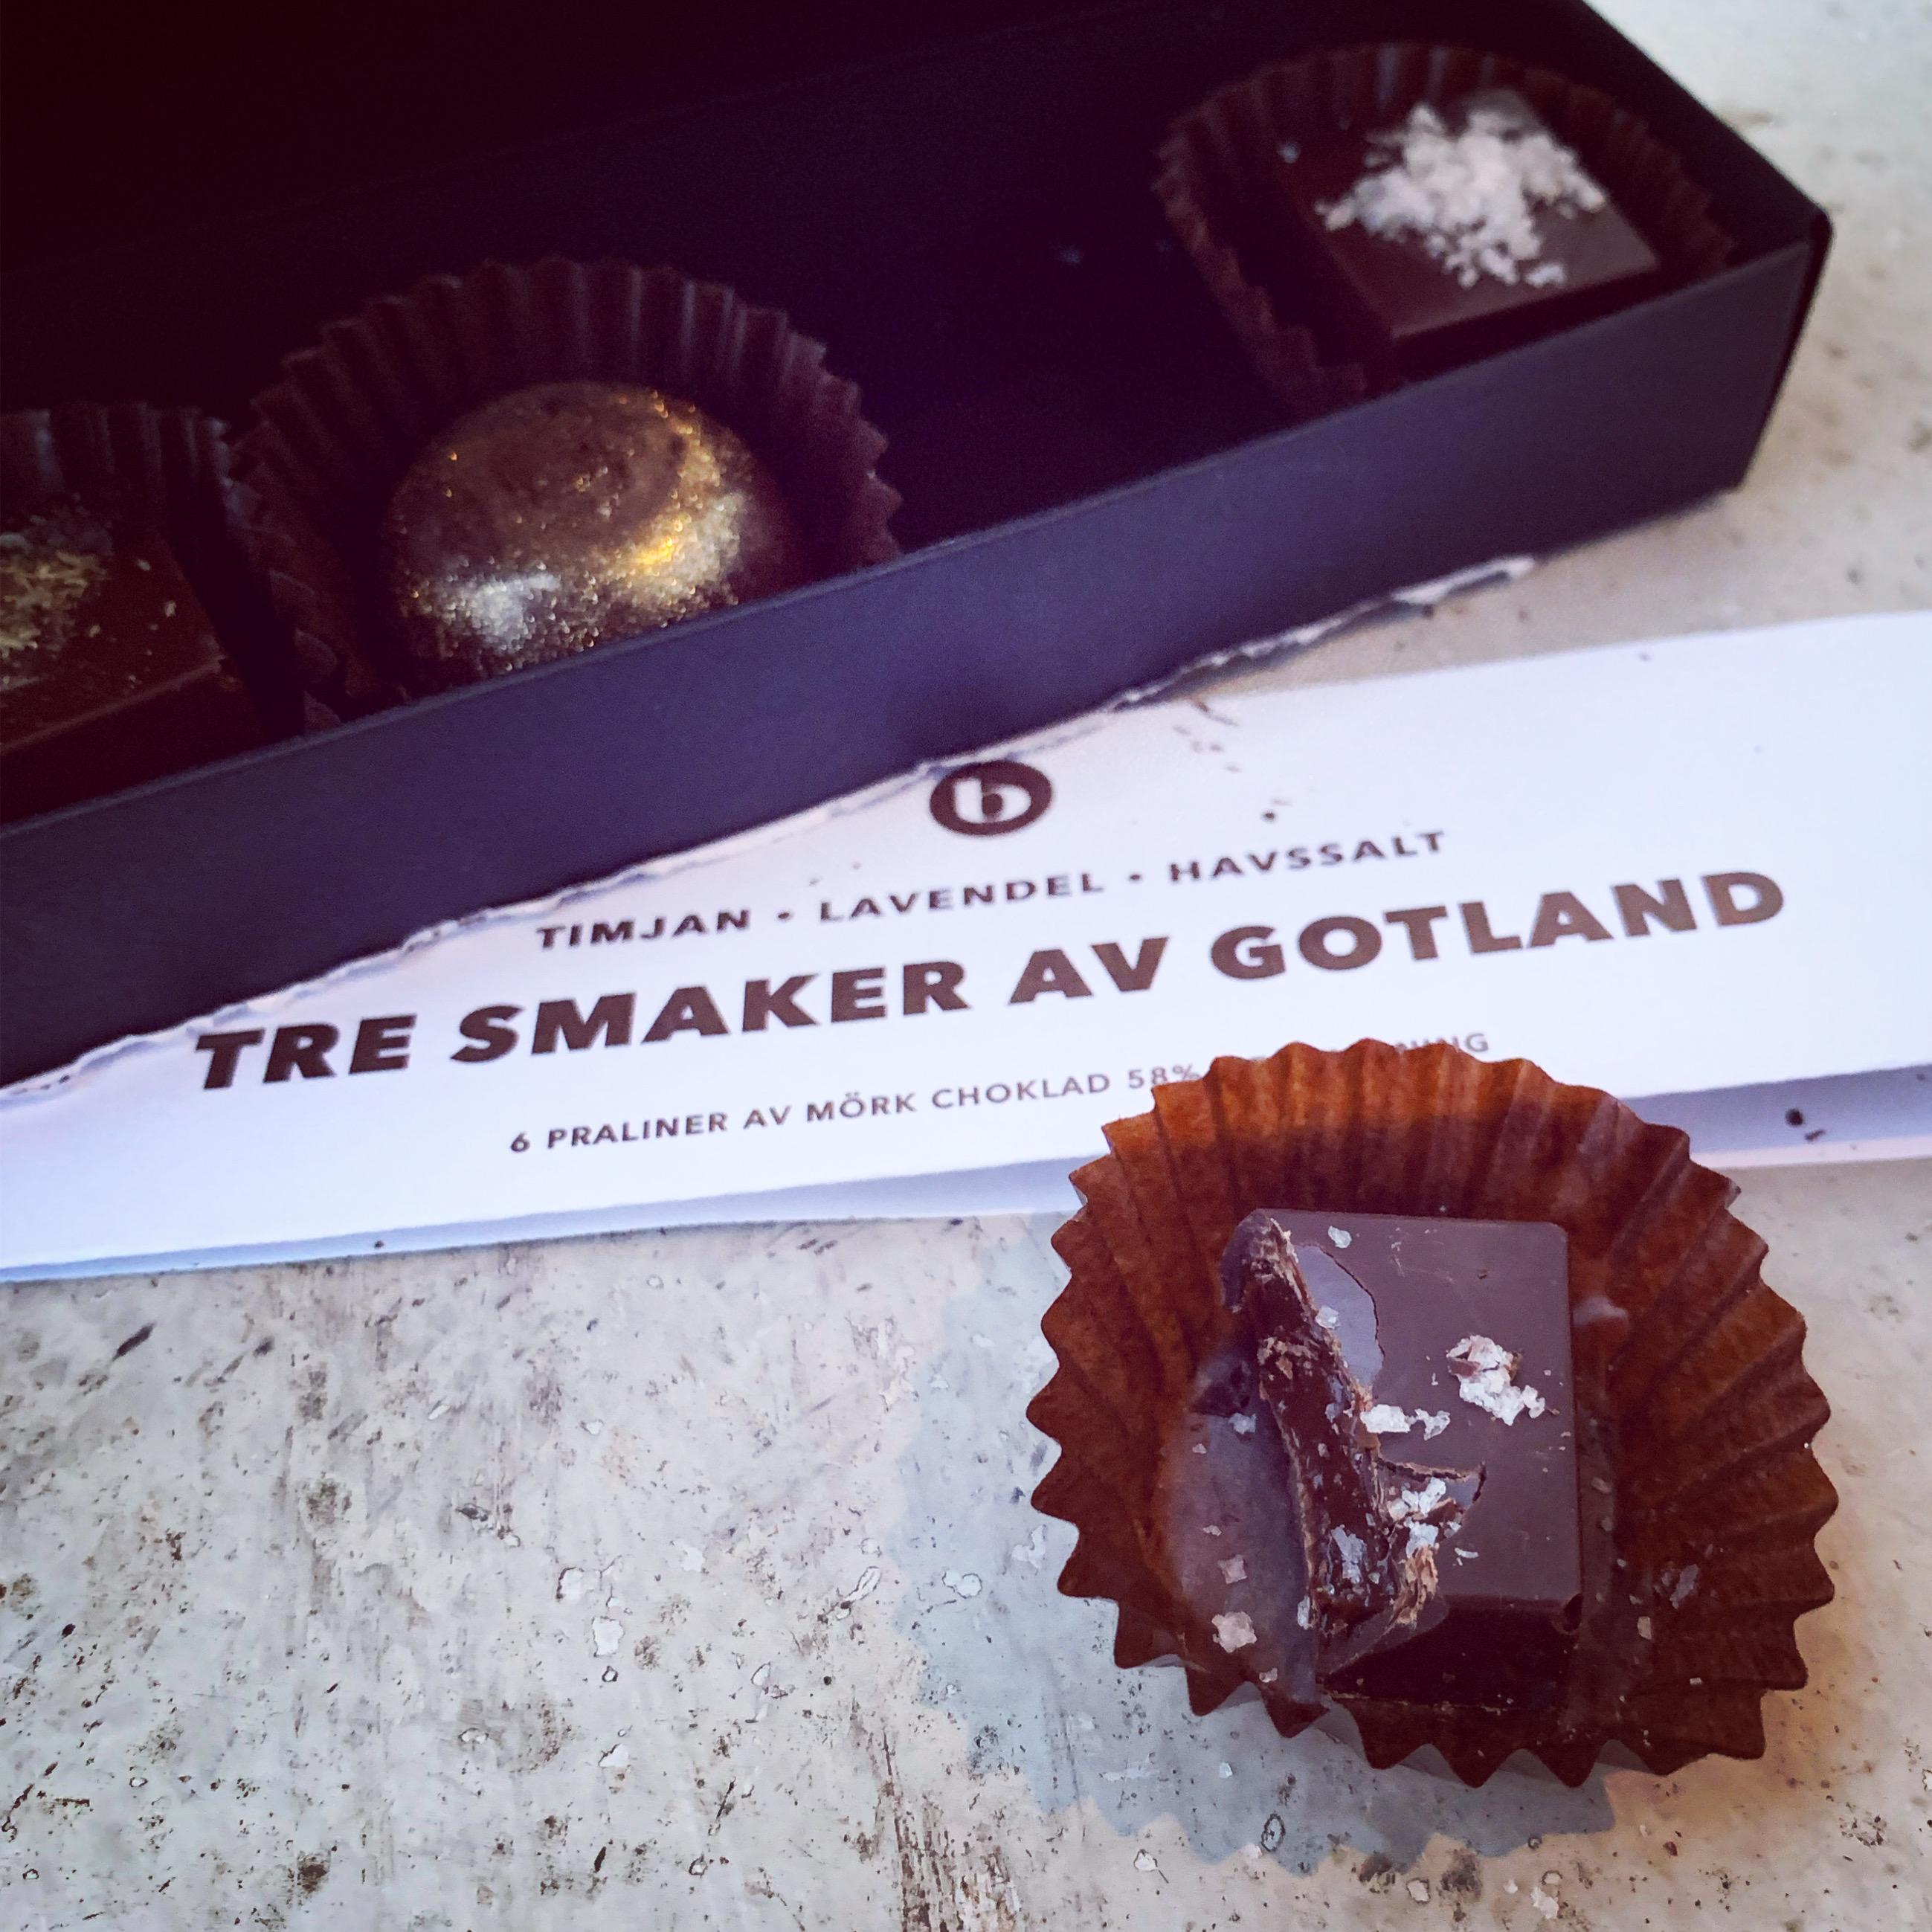 Tre smaker av Gotland – Praliner